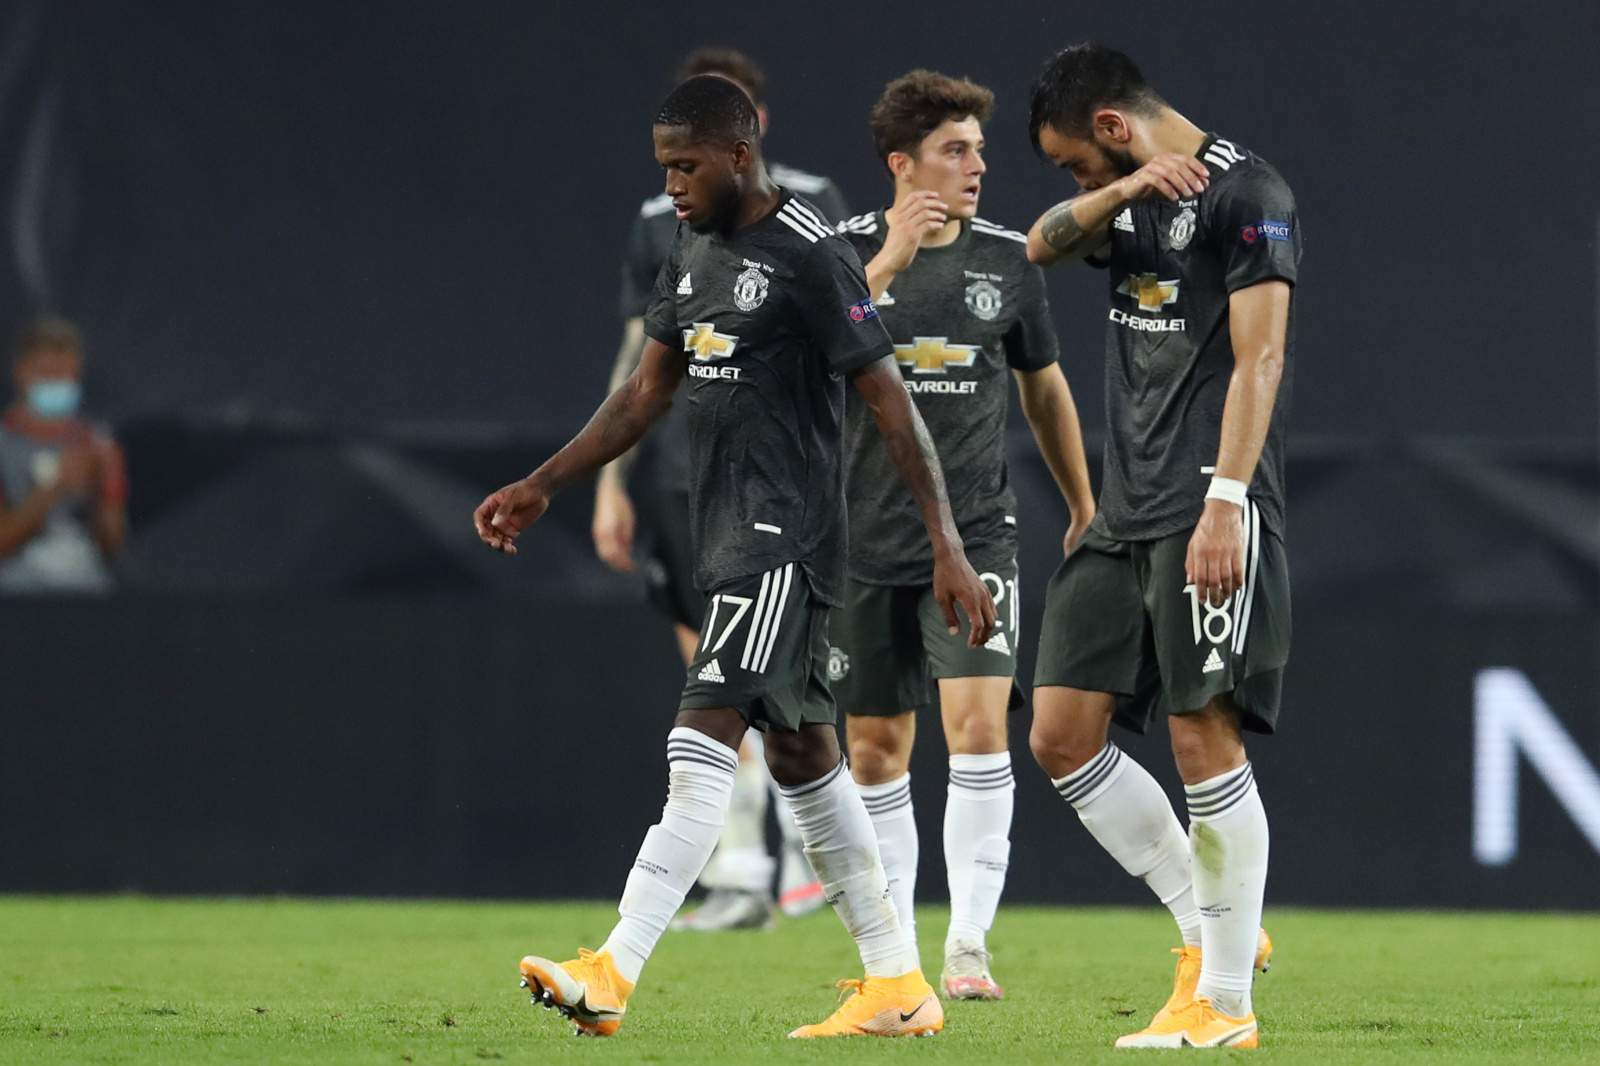 «Манчестер Юнайтед» в третьем матче кряду сыграл всухую